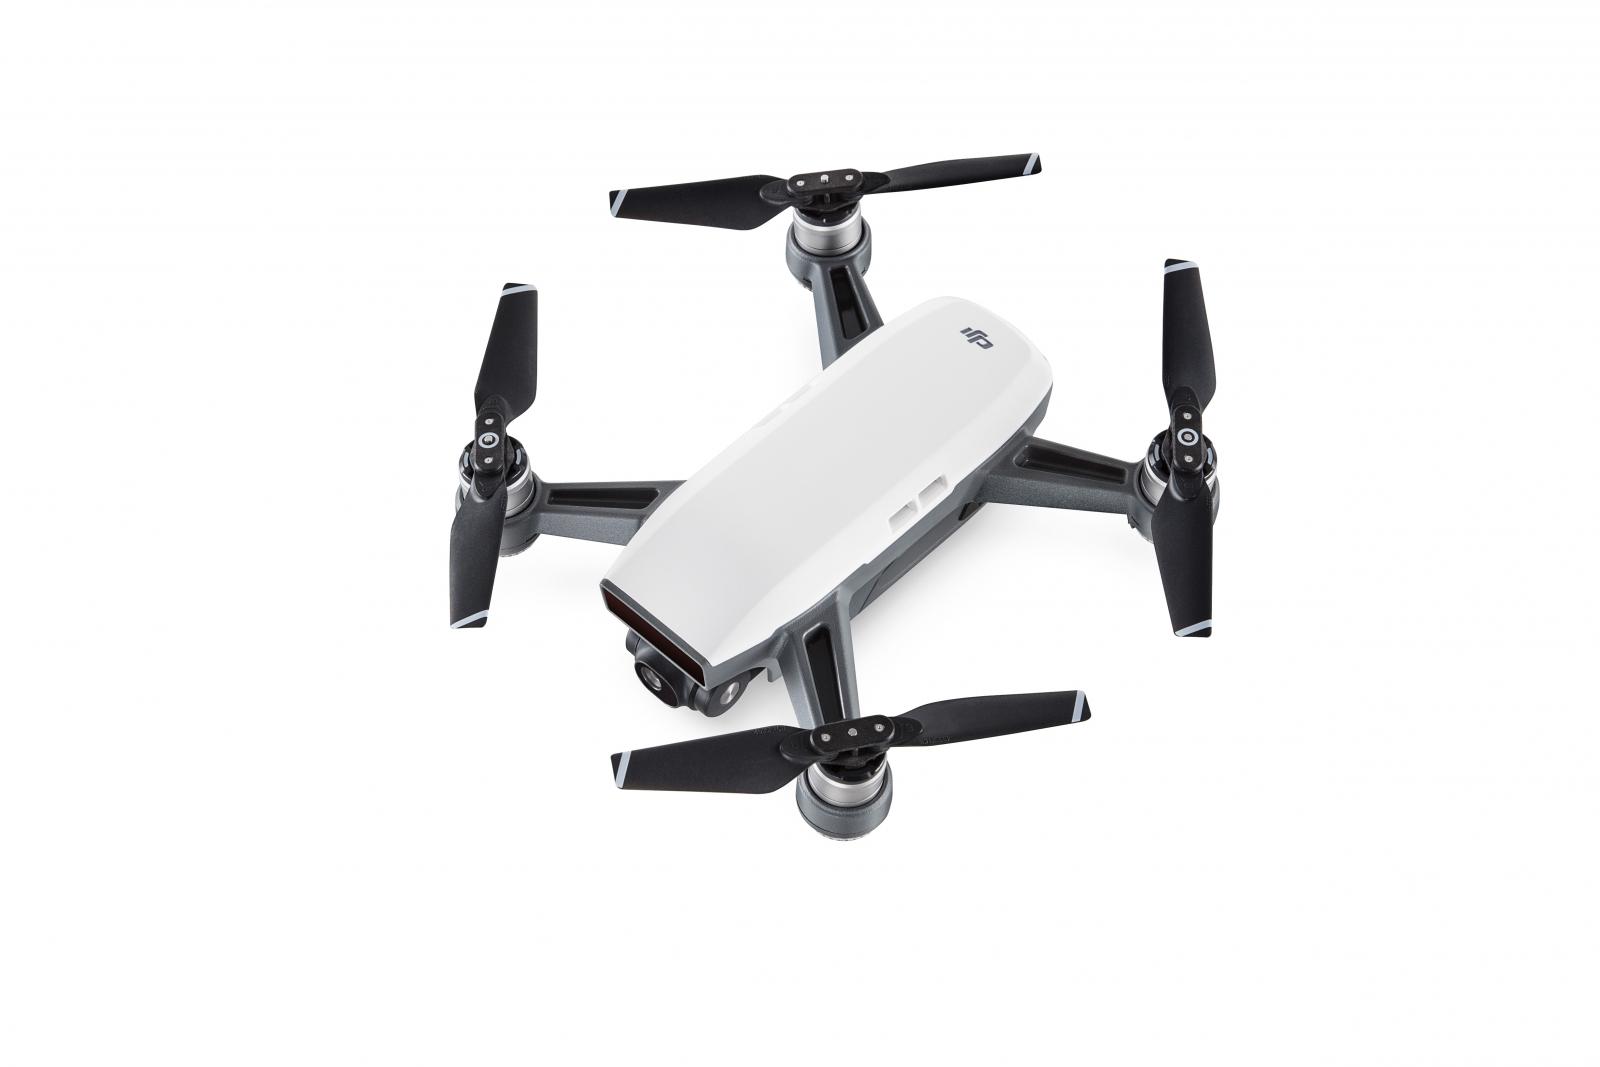 DJI Spark drone in white